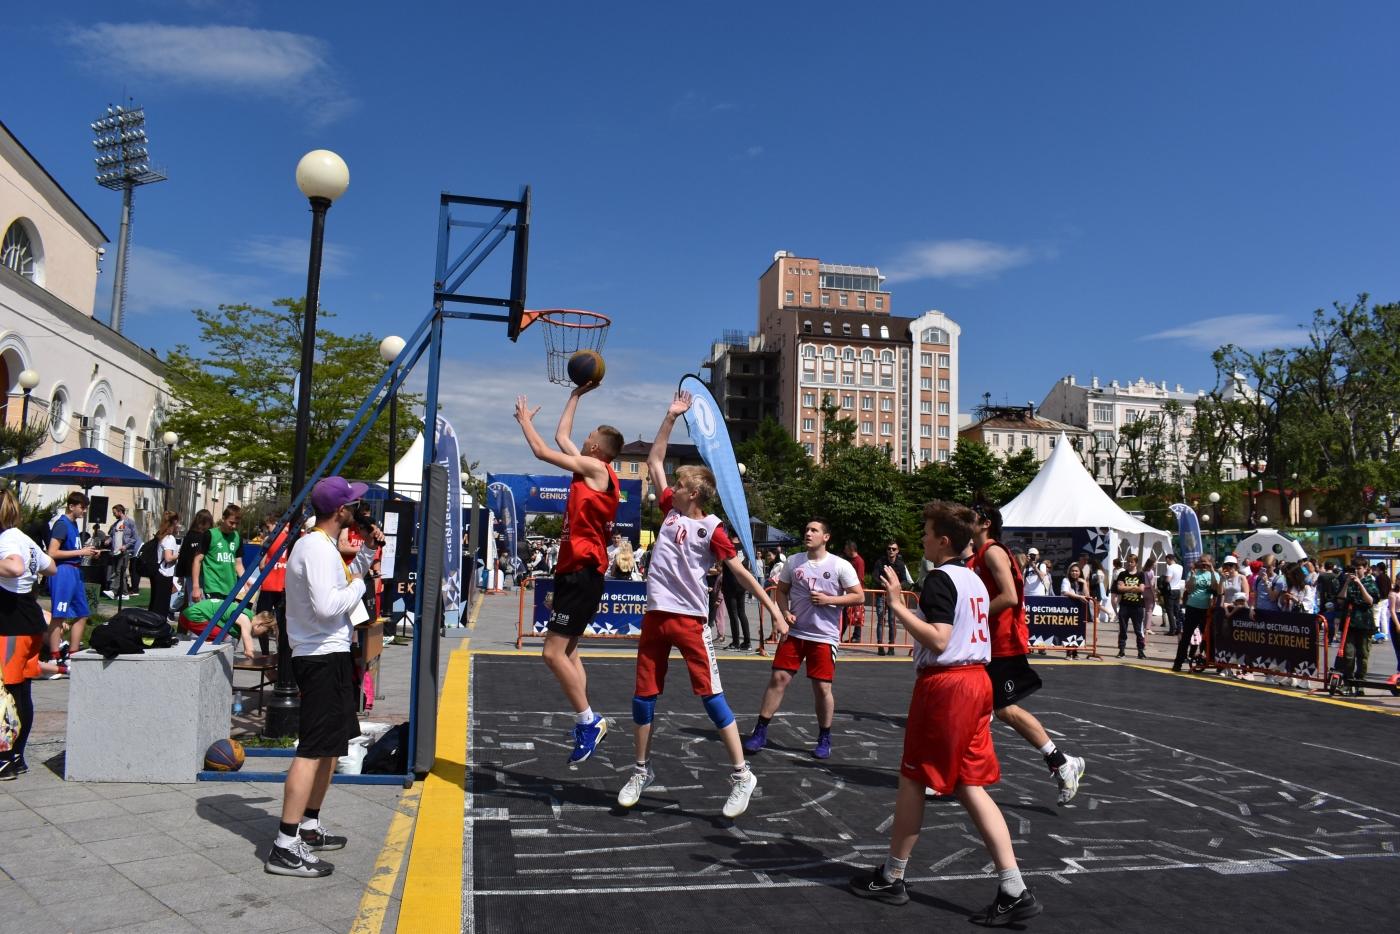 Новости баскетбола. Баскетбол Приморья. Спорт Приморья. Спорт Владивостоке.